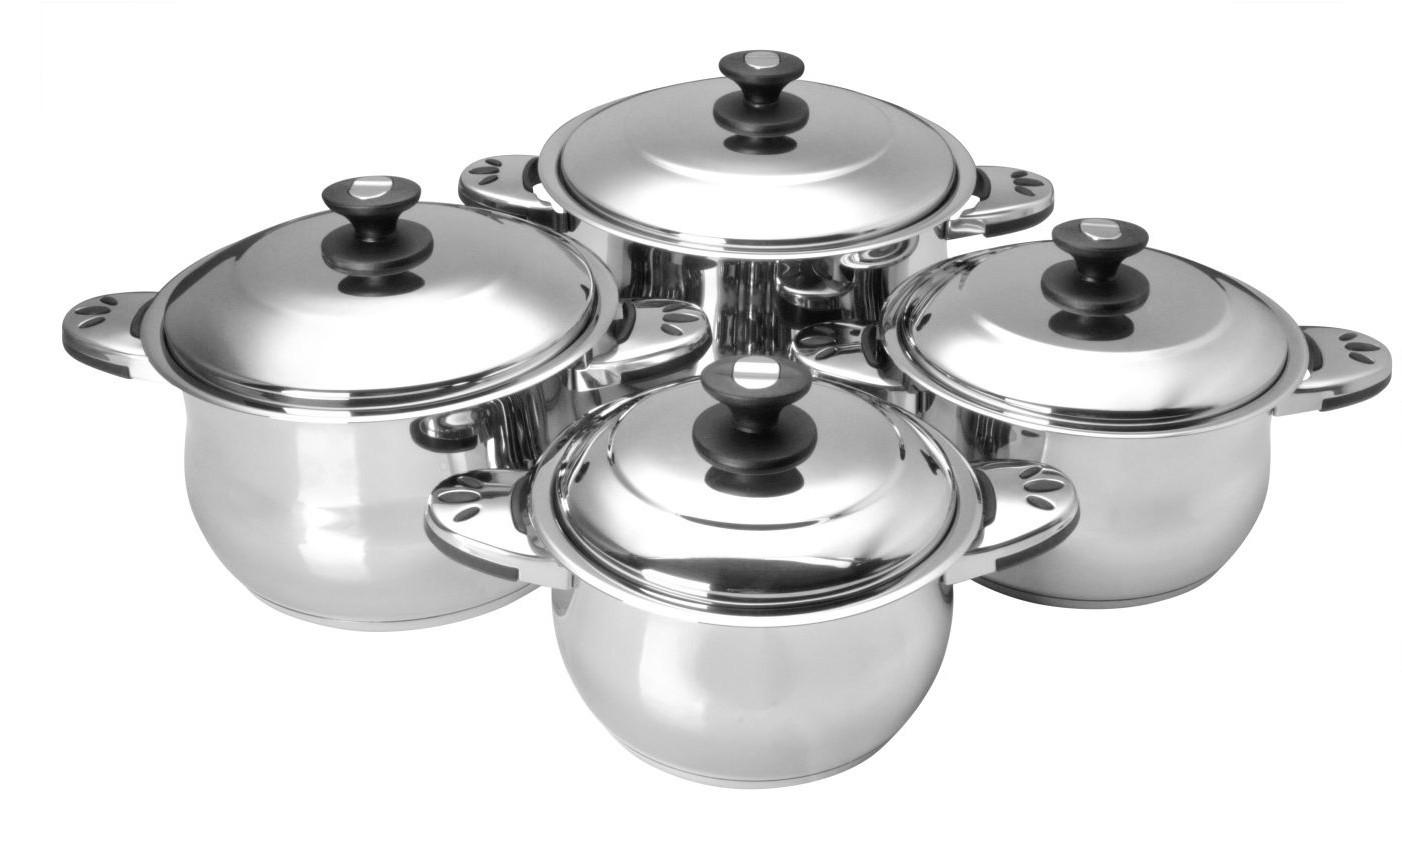 Sa 12055 de acero inoxidable utensilios de cocina for Utensilios cocina acero inoxidable